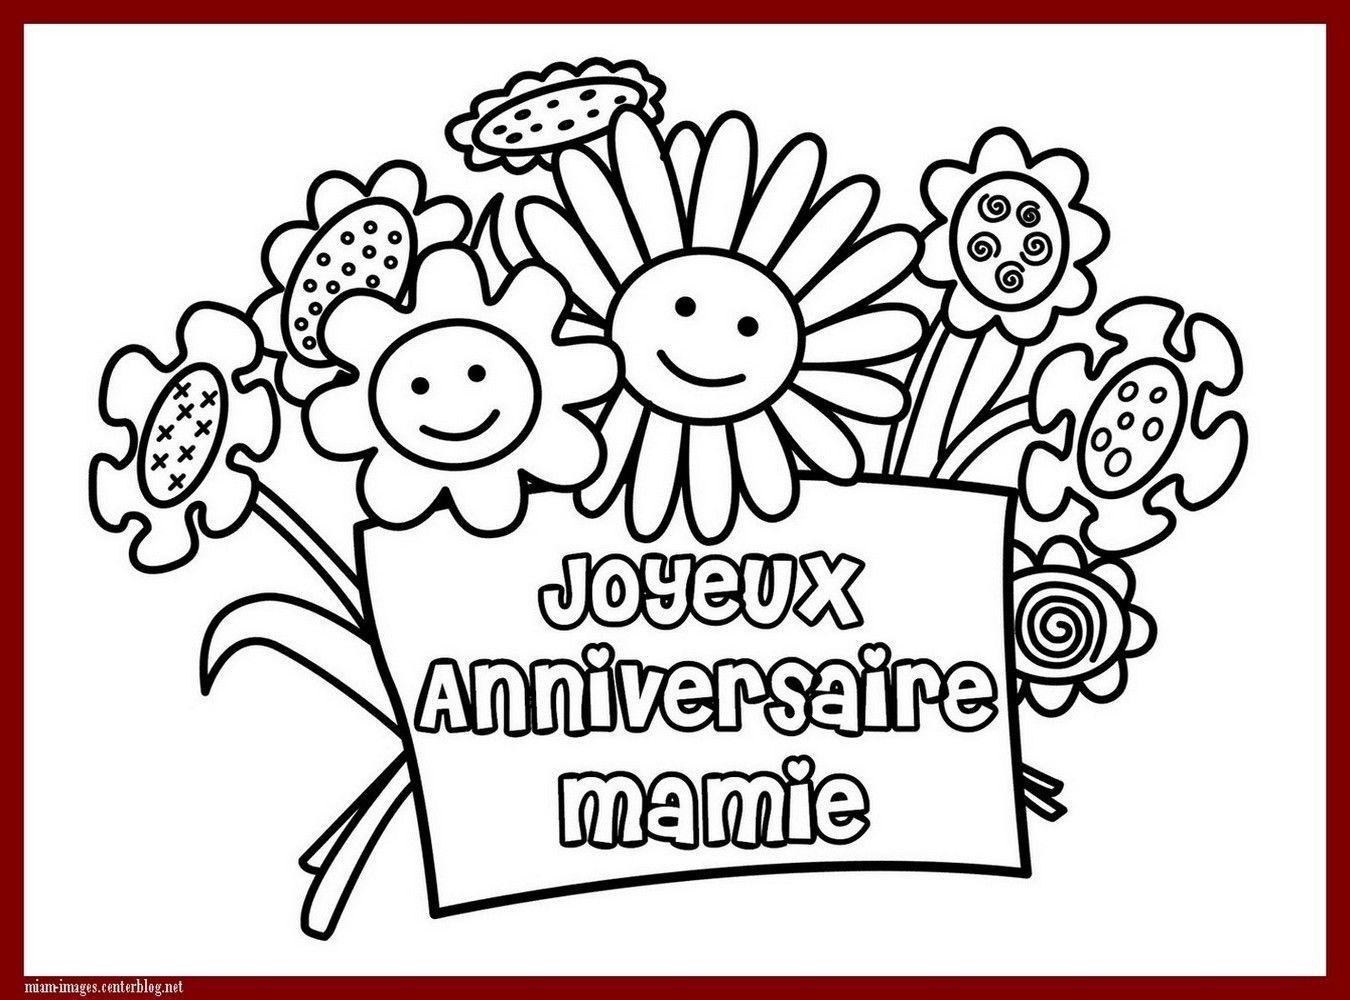 Anniversaire coloriage joyeux anniversaire mamie - Dessin a imprimer anniversaire ...